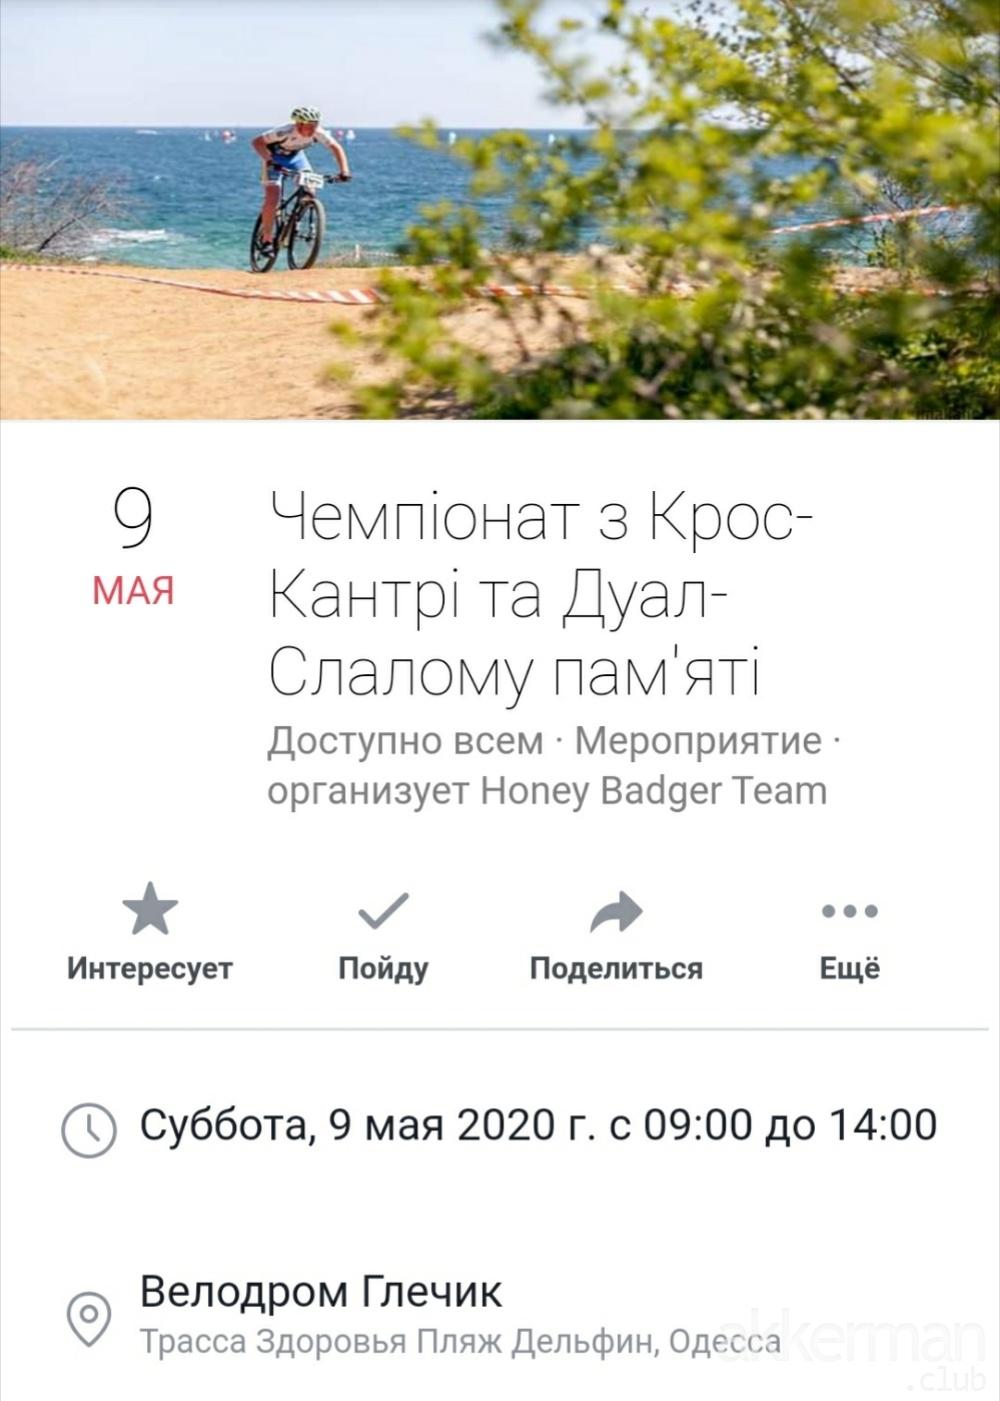 Чемпионат по кросс-кантри и дуал-слалому (Одесса)